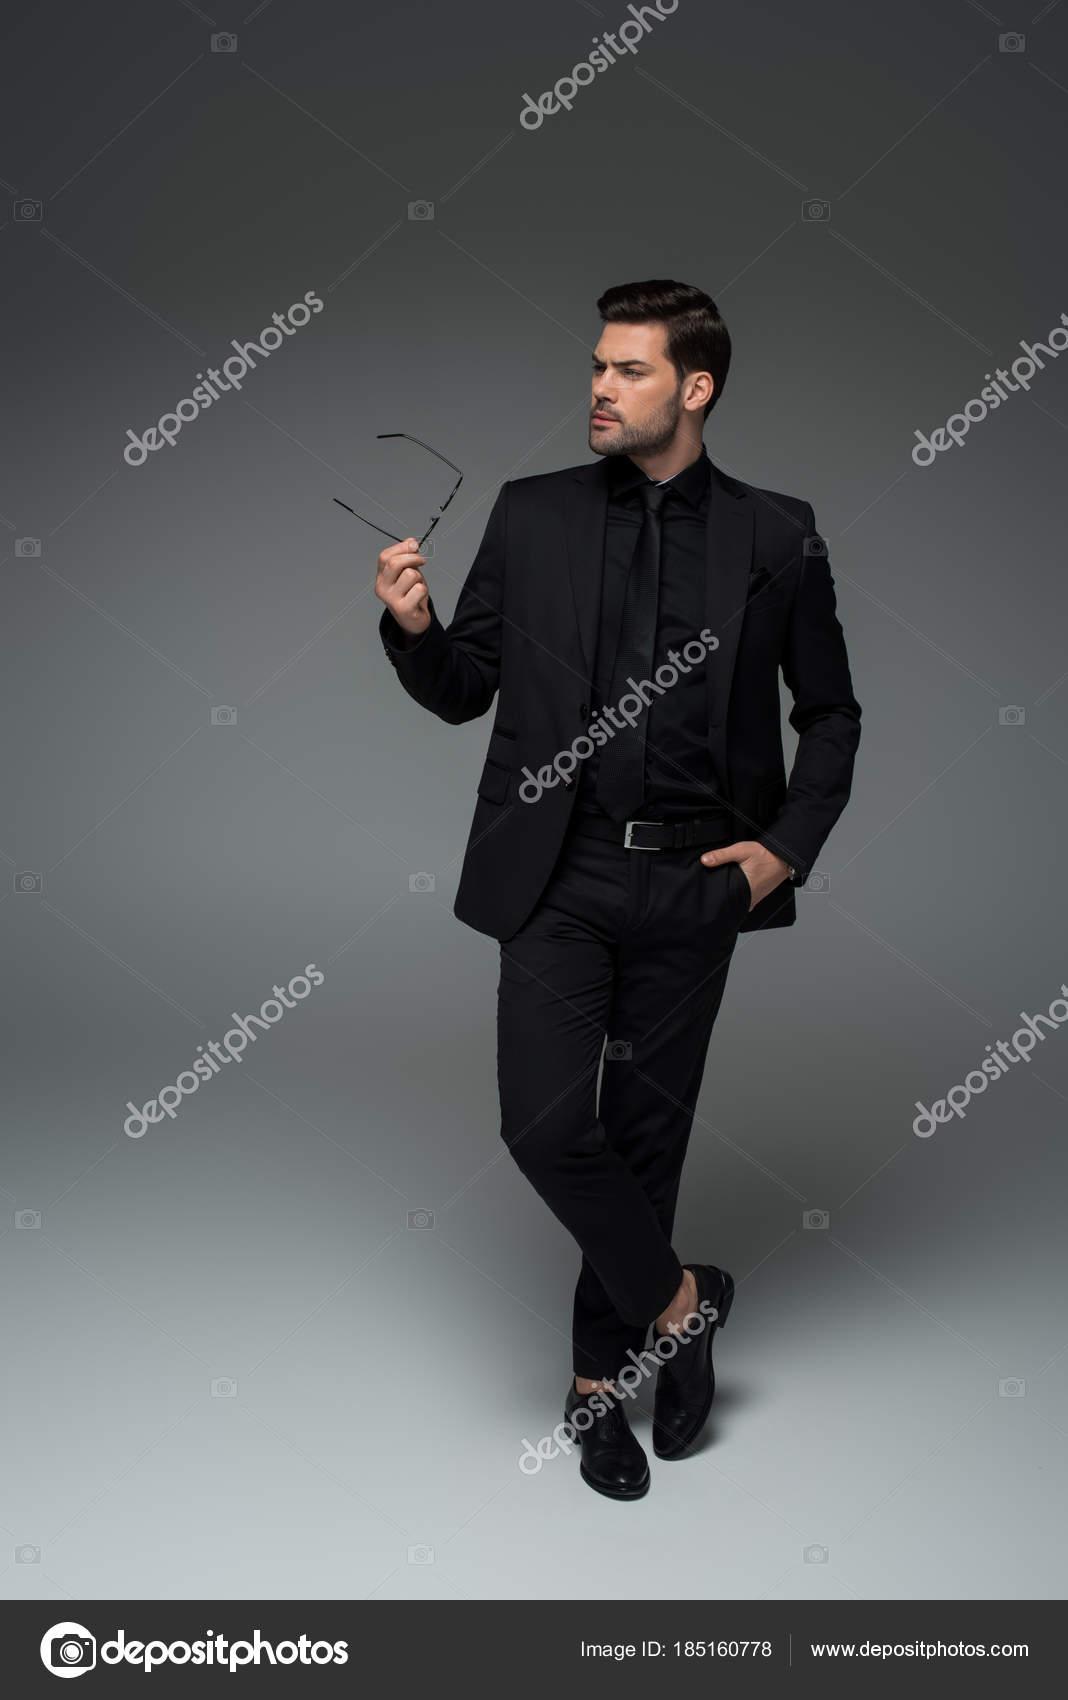 Hombre Elegante Traje Negro Posando Con Vasos Mano Gris — Foto de Stock e0aca1a1944